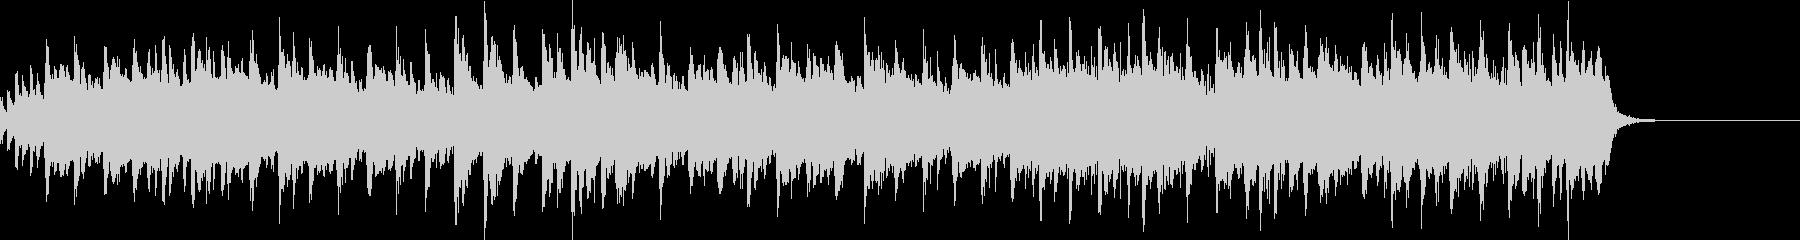 バンジョーによる軽快なフォークソングの未再生の波形